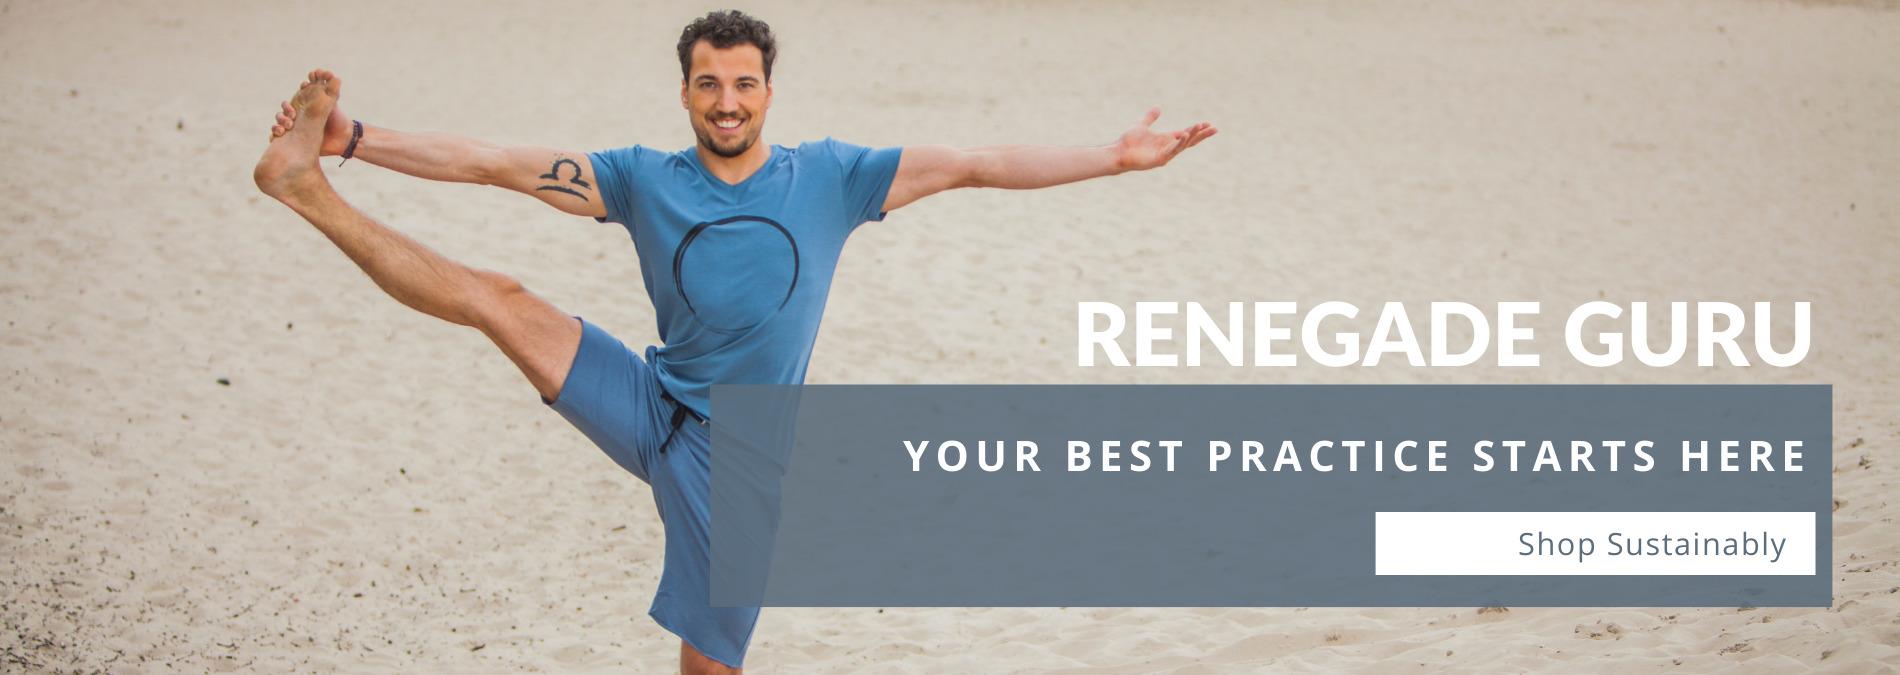 Renegade Guru Website Banner